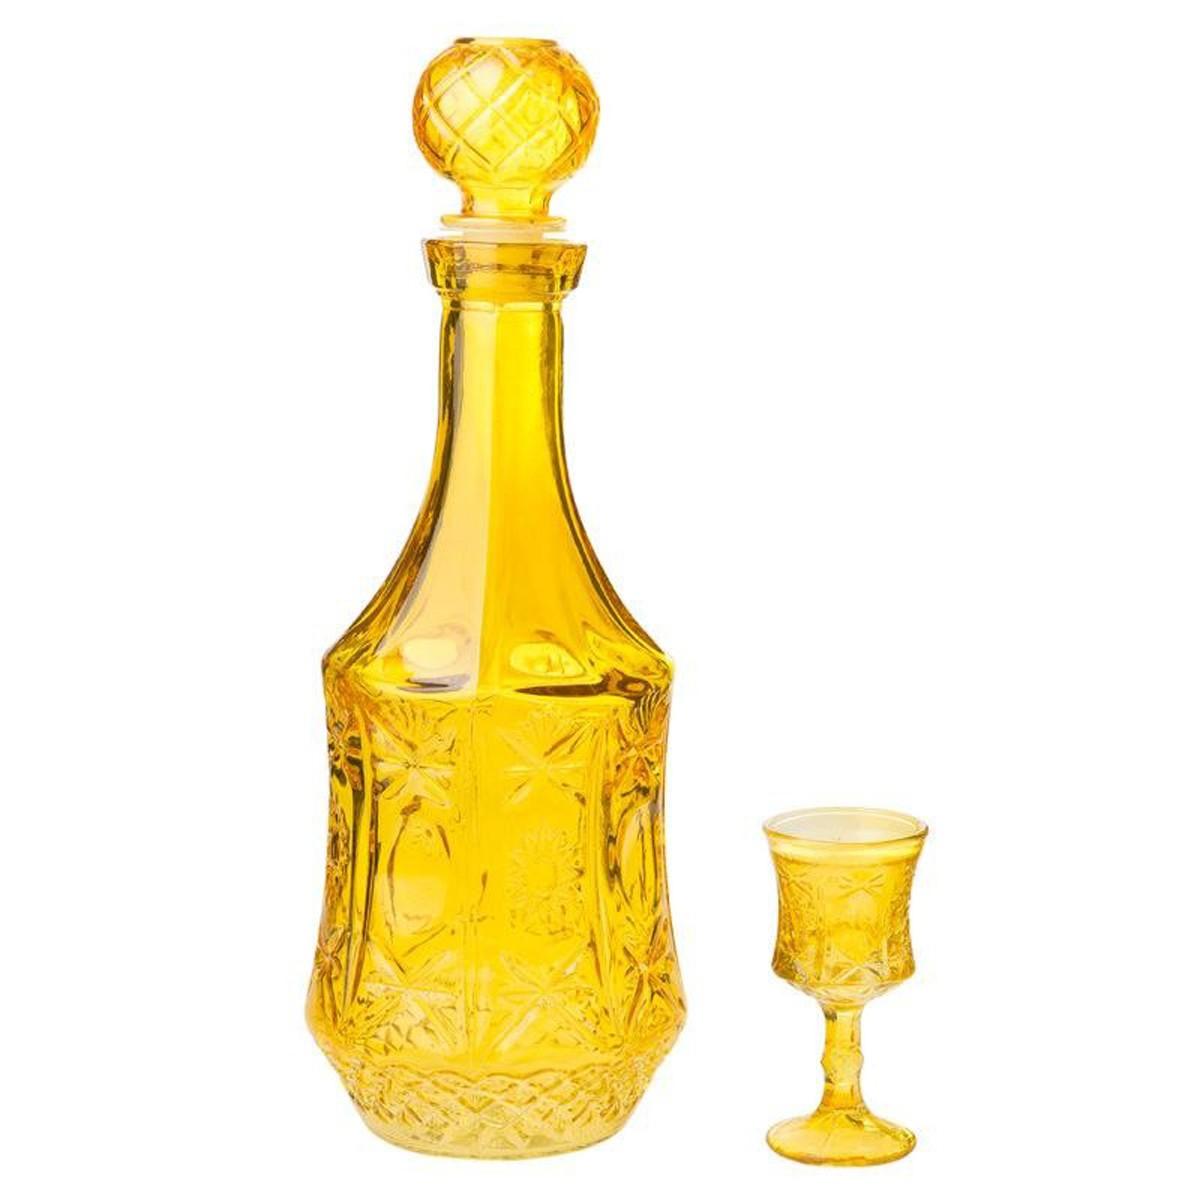 Καράφα (Σετ 7 Τμχ) InArt Algiers Yellow 3-70-223-0019